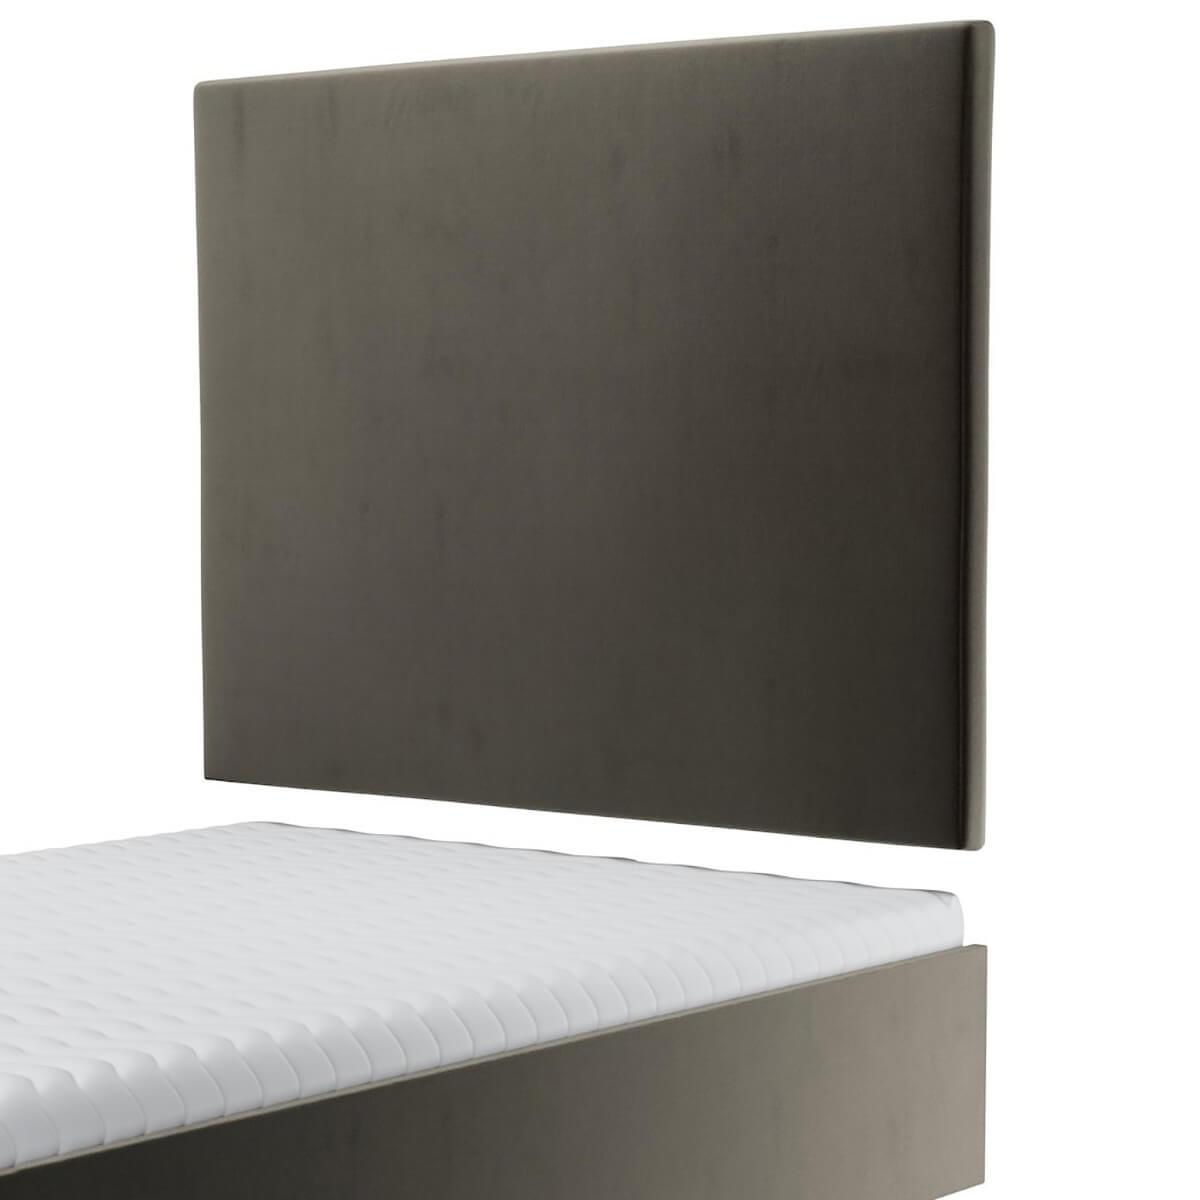 Висок стенен панел за тапицирано легло, модел ZPW-006